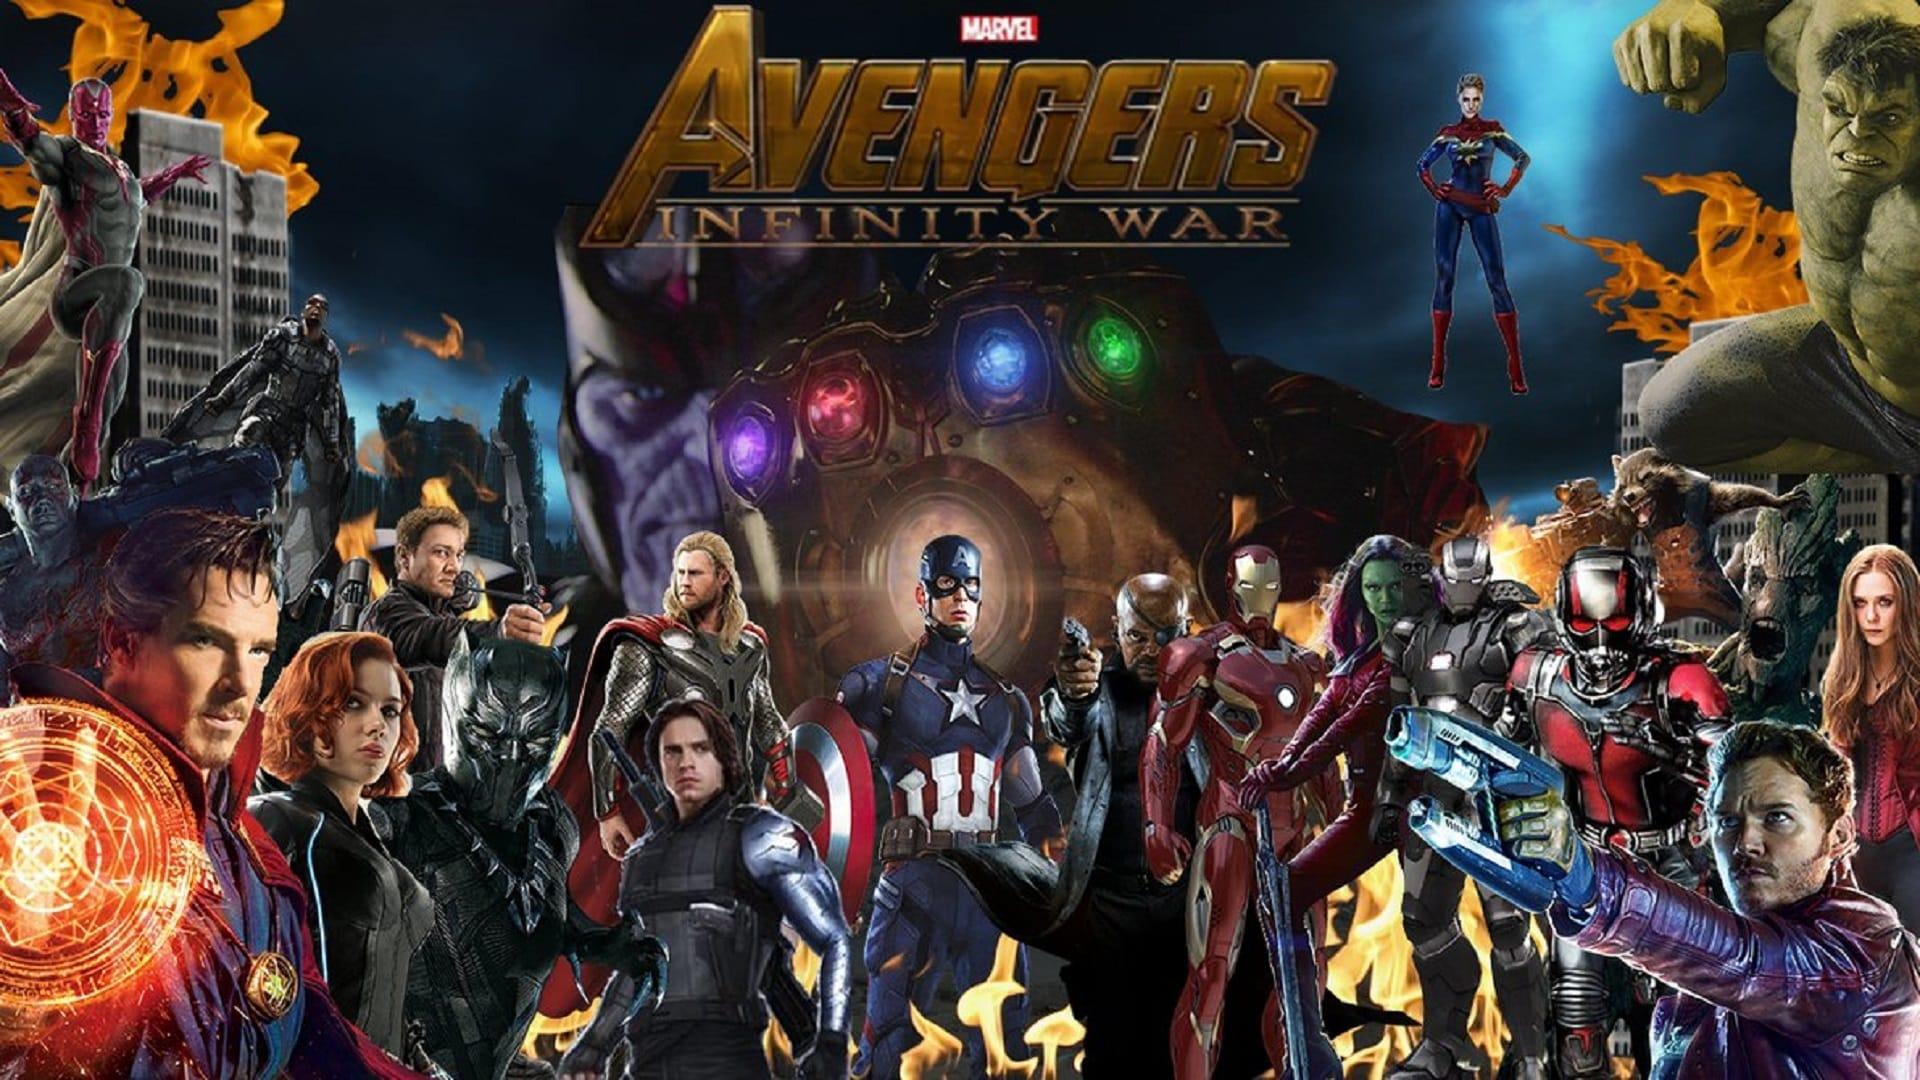 Avengers: Infinity War - Pertemuan Pertama Kumpulan Avengers dan Guardians of Galaxy